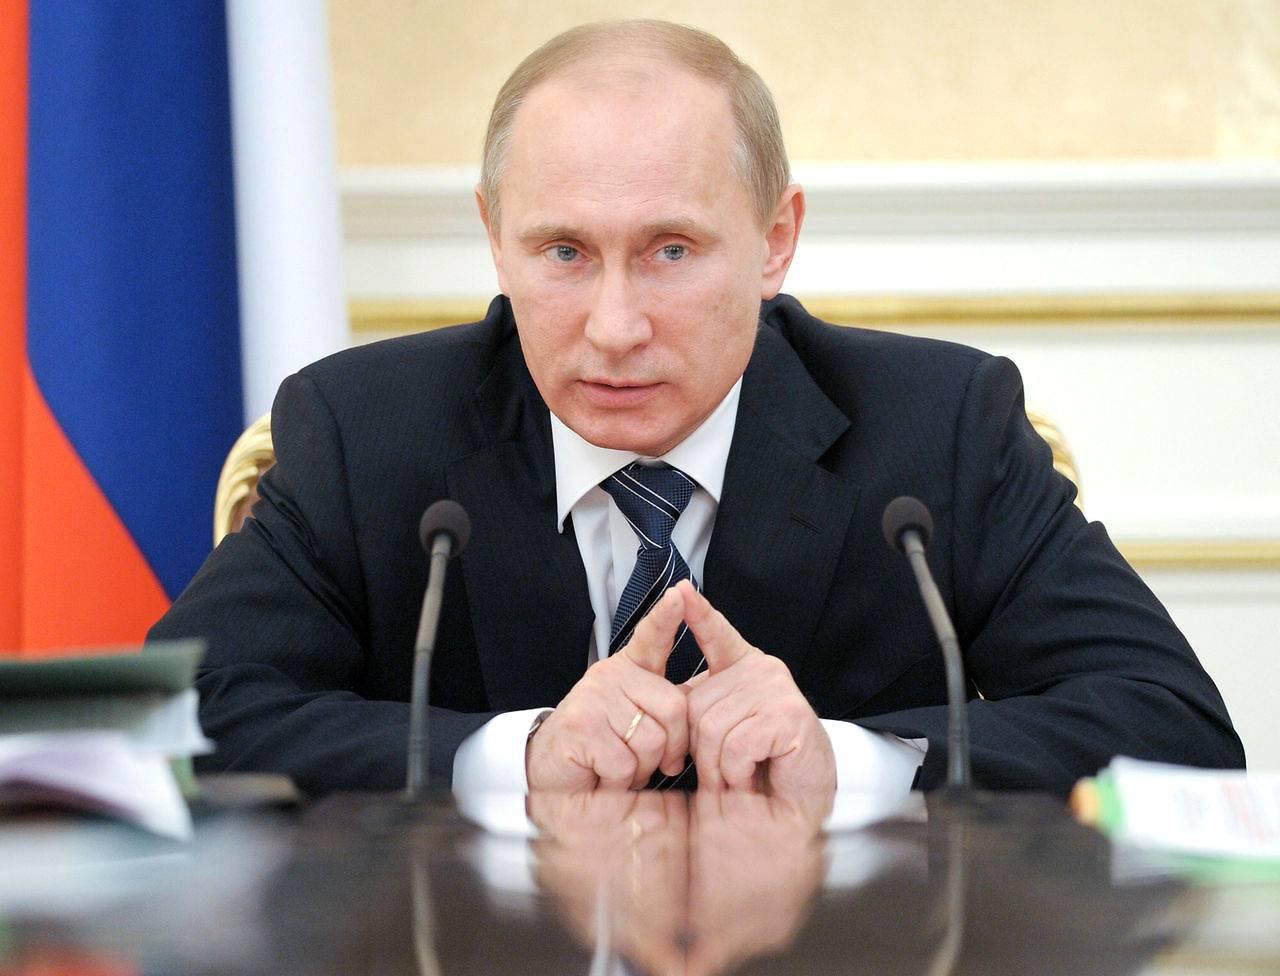 Налоги можно собрать ибез их поднятия — Путин